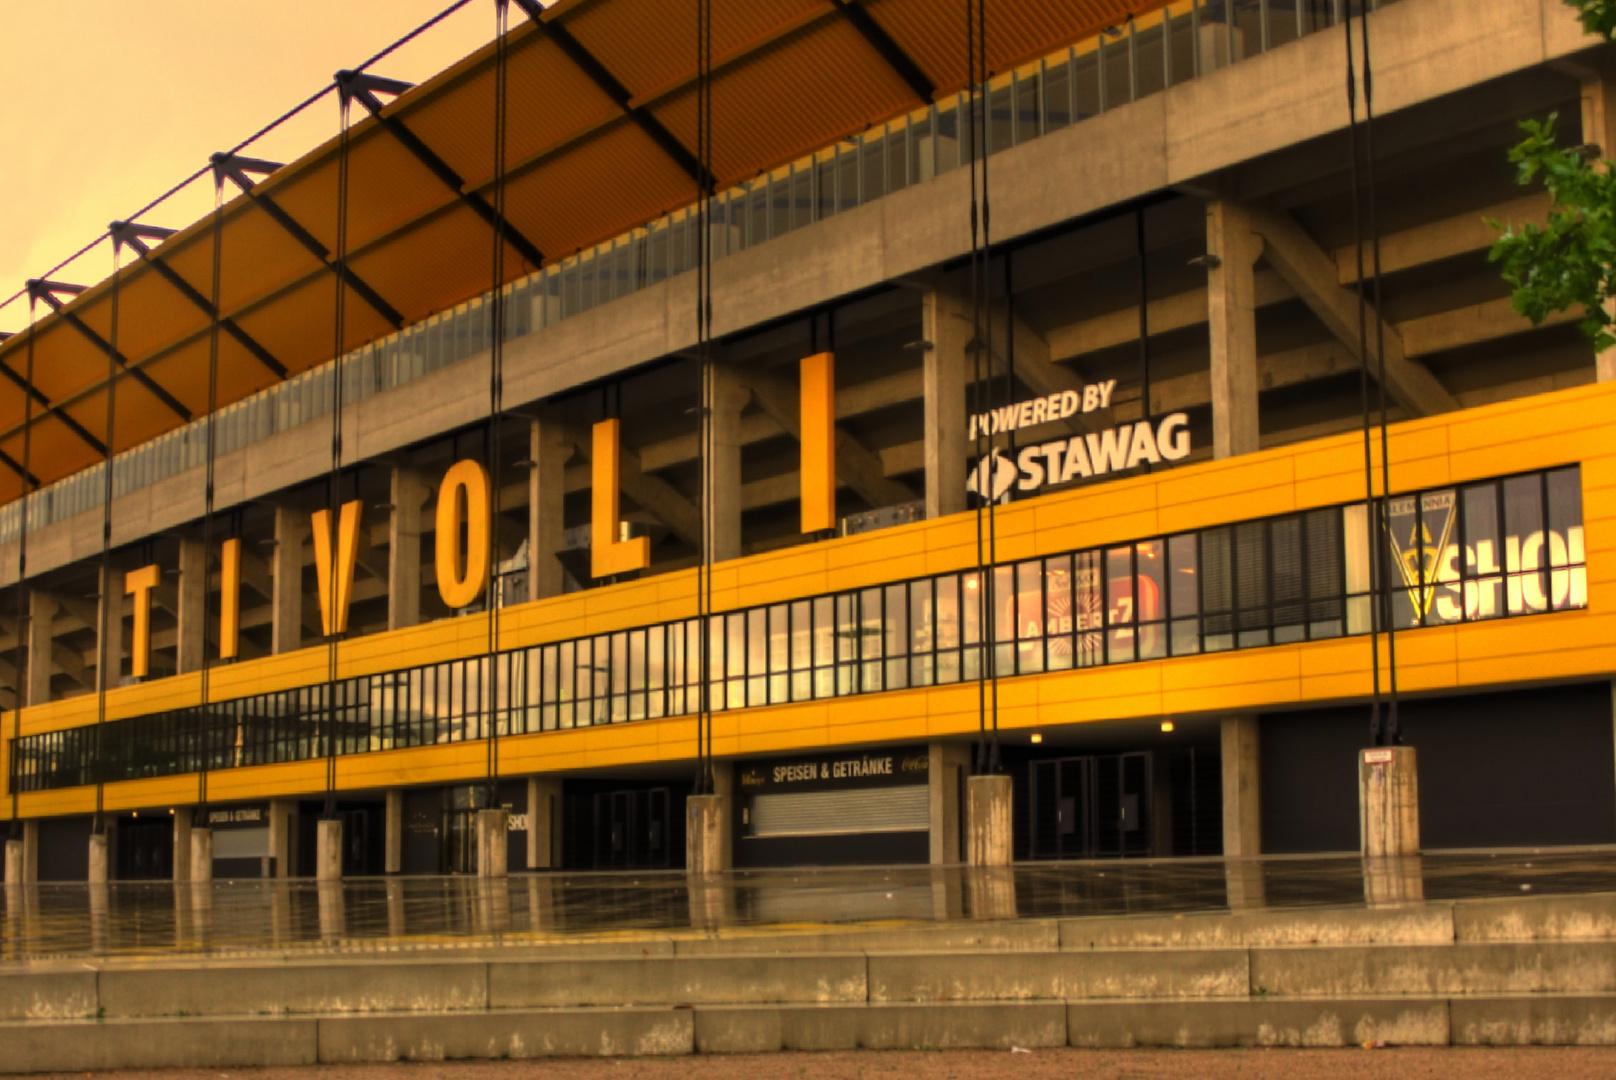 Tivoli in Aachen